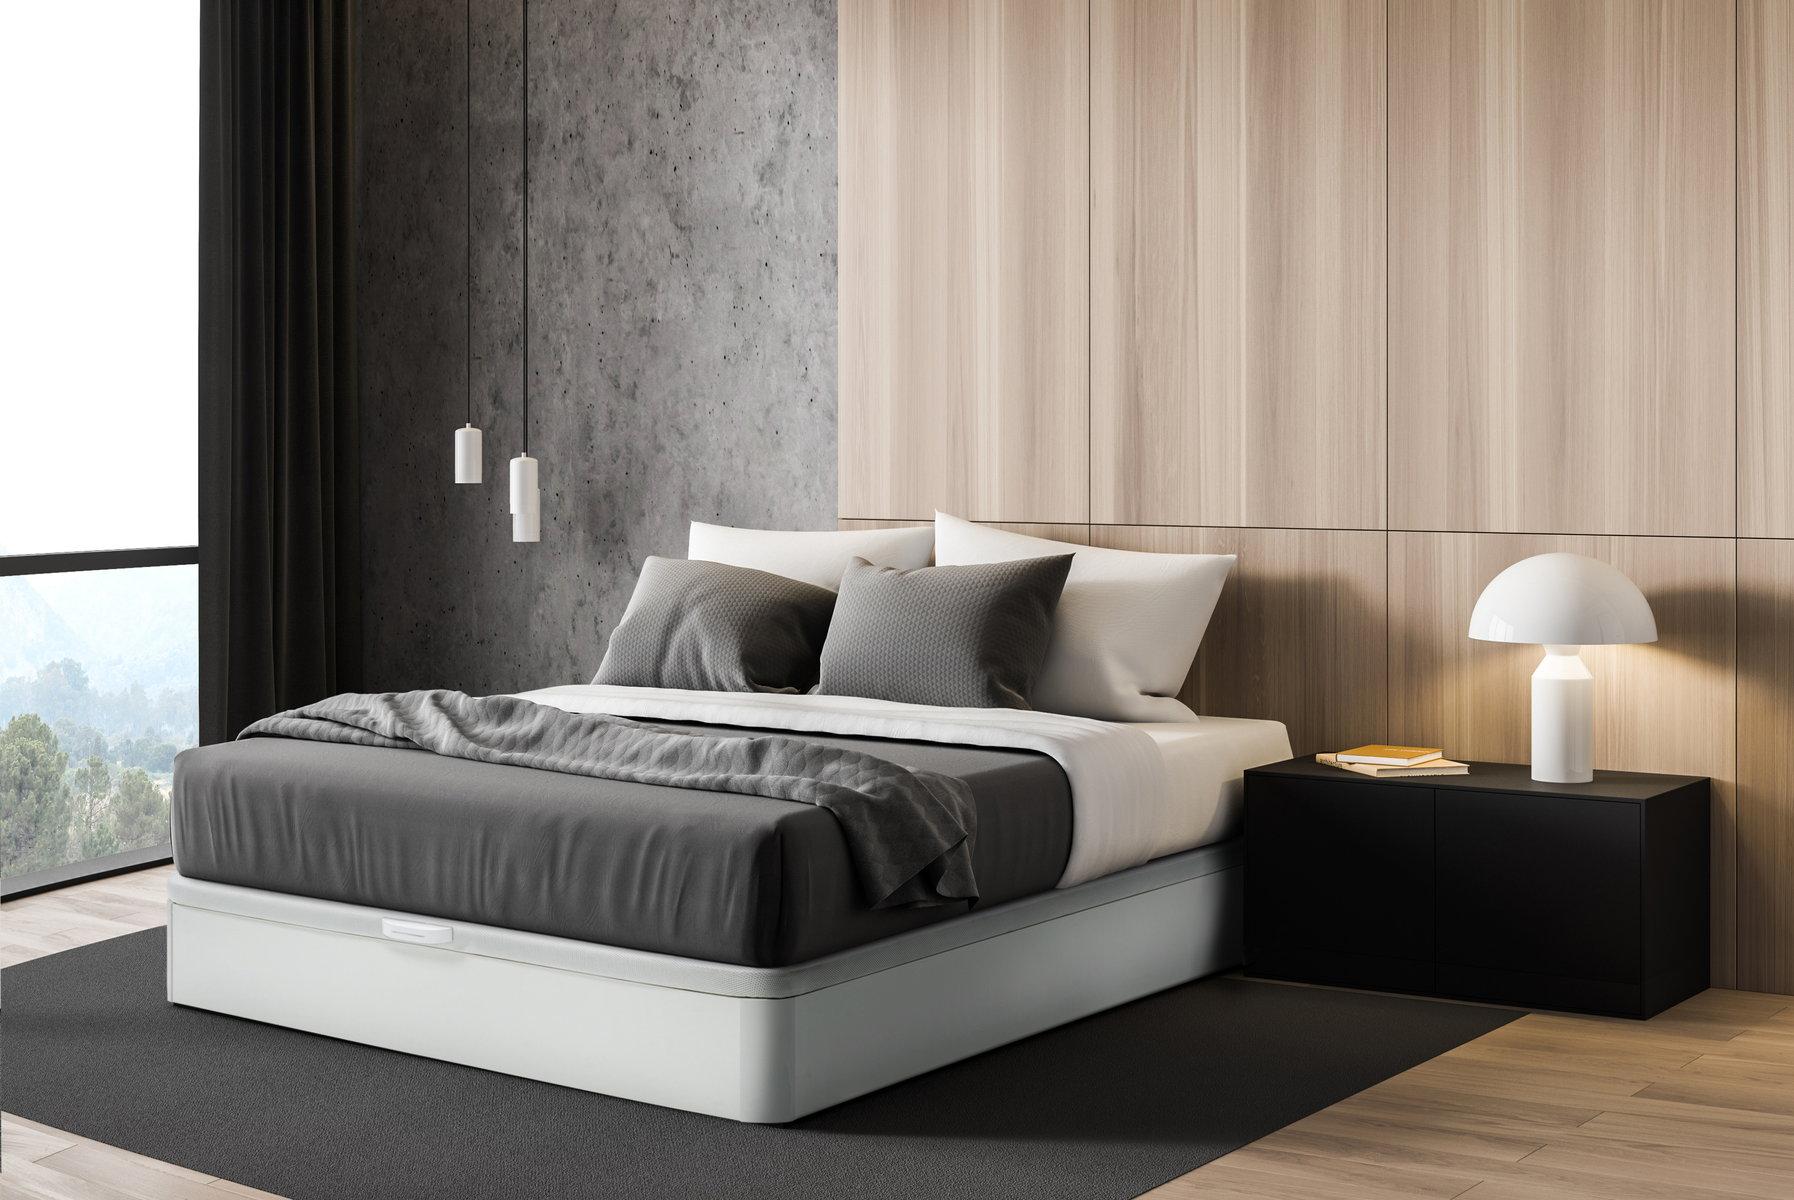 Canapé de madera color en dormitorio